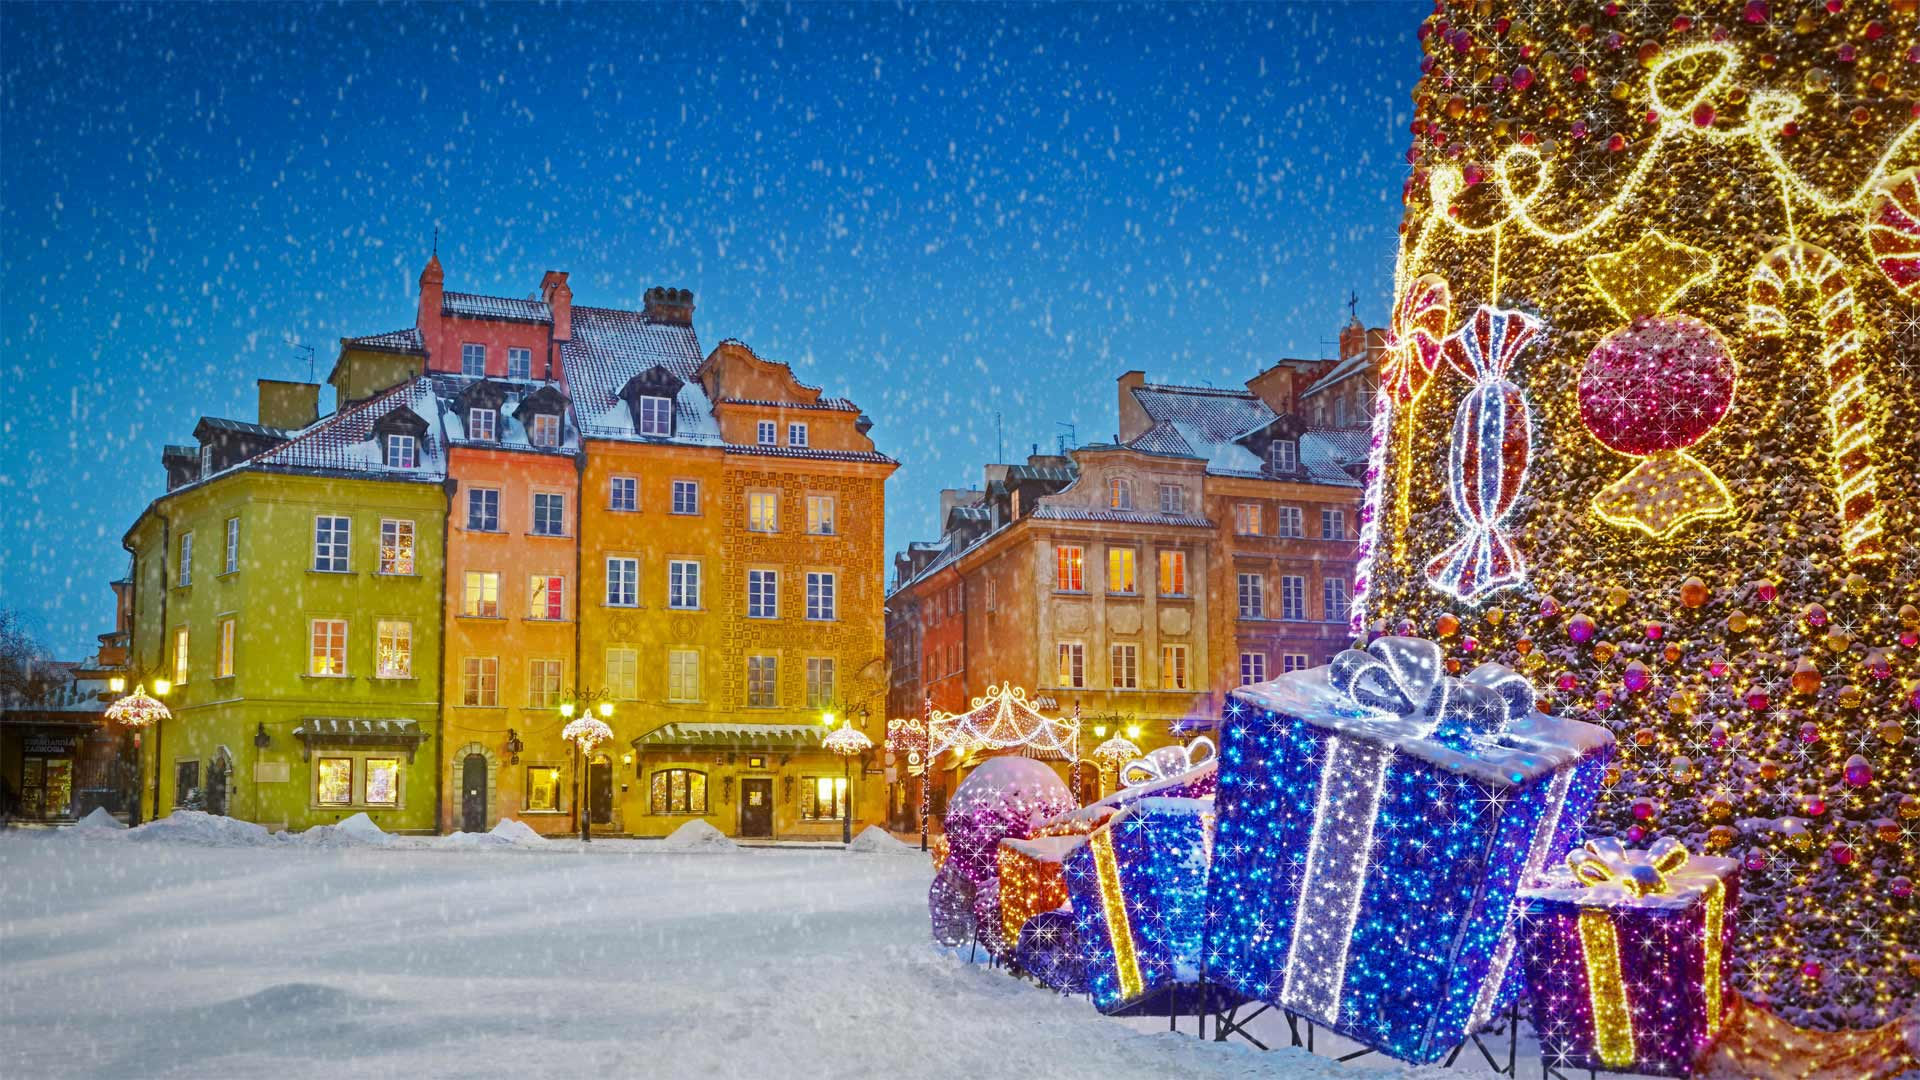 华沙的圣诞节日装饰圣诞节日装饰